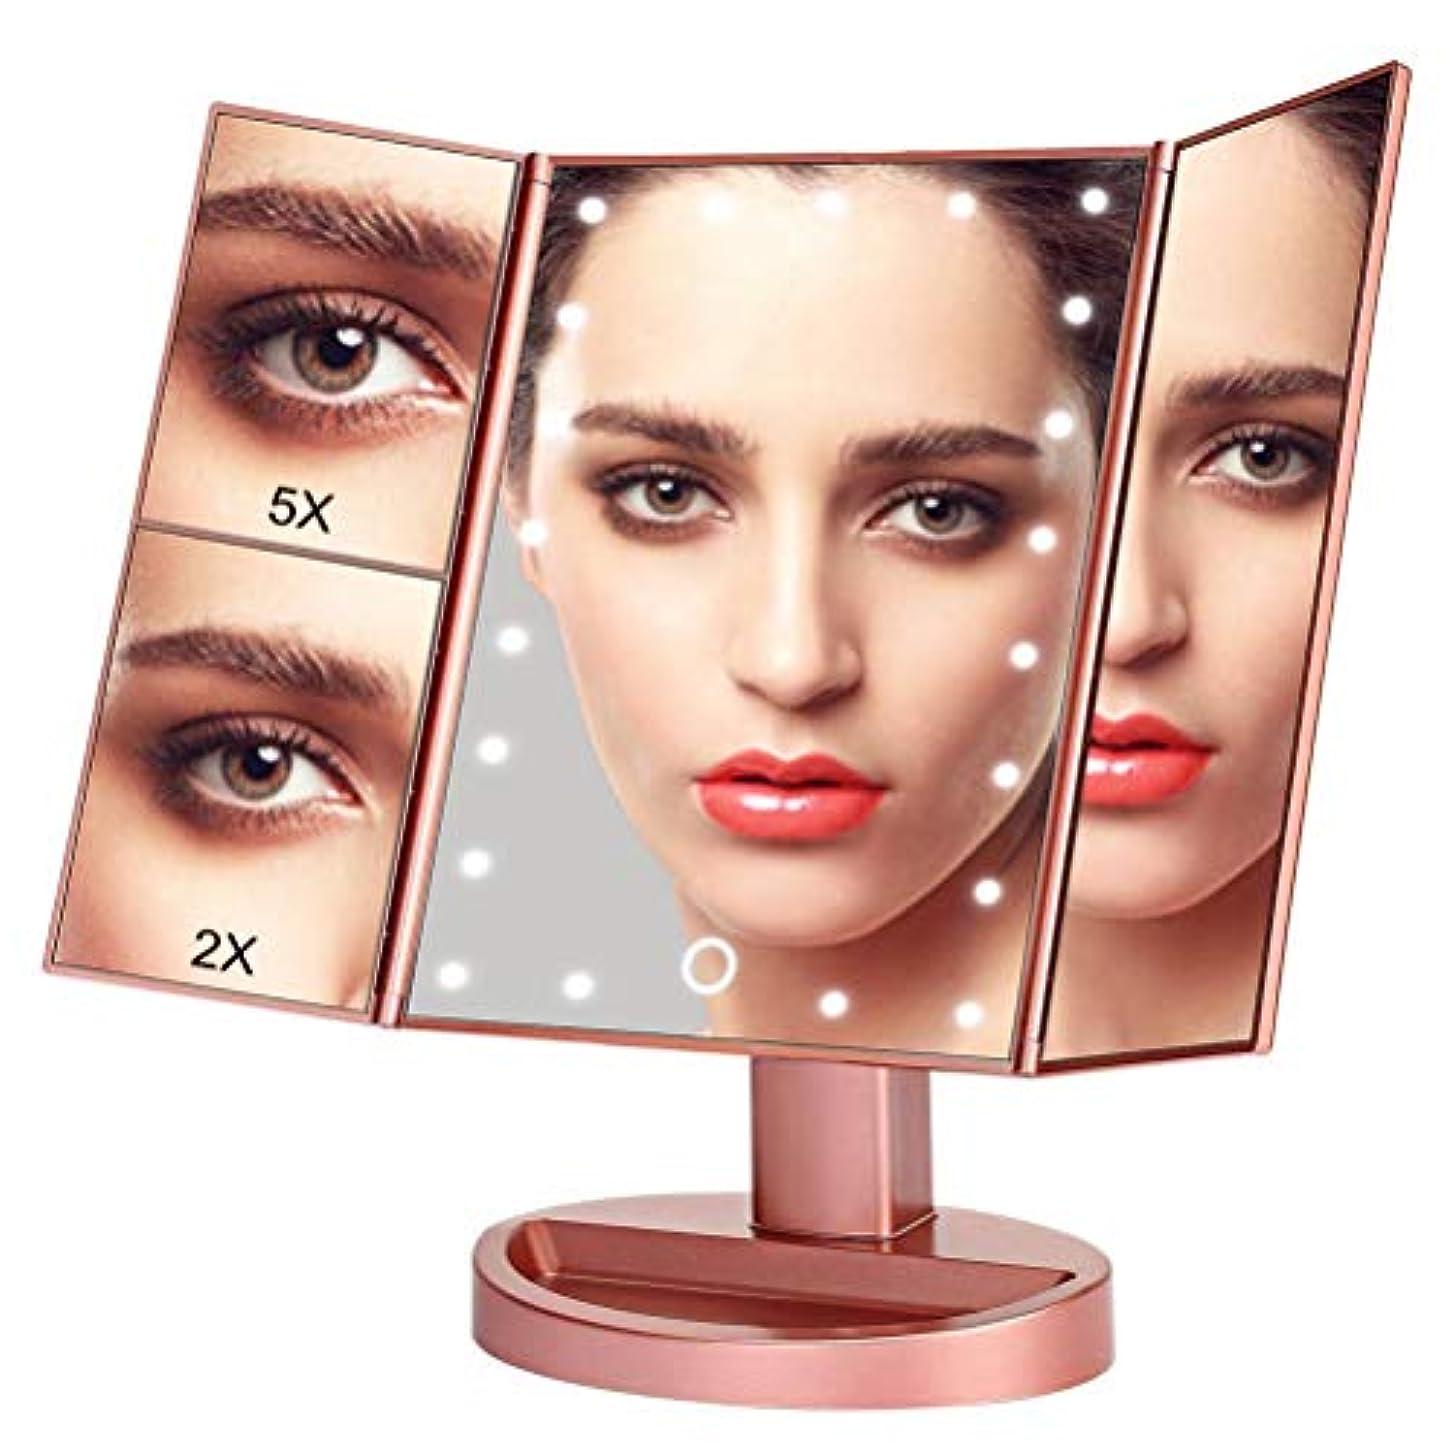 どうしたの落ち着く評価可能OKISS 三面鏡 LED化粧鏡 卓上 ミラー 女優 鏡 2倍と5倍拡大鏡付き 明るさ調節可能 折り畳み式 180°回転 USB/単4電池給電 (LED三面鏡2)